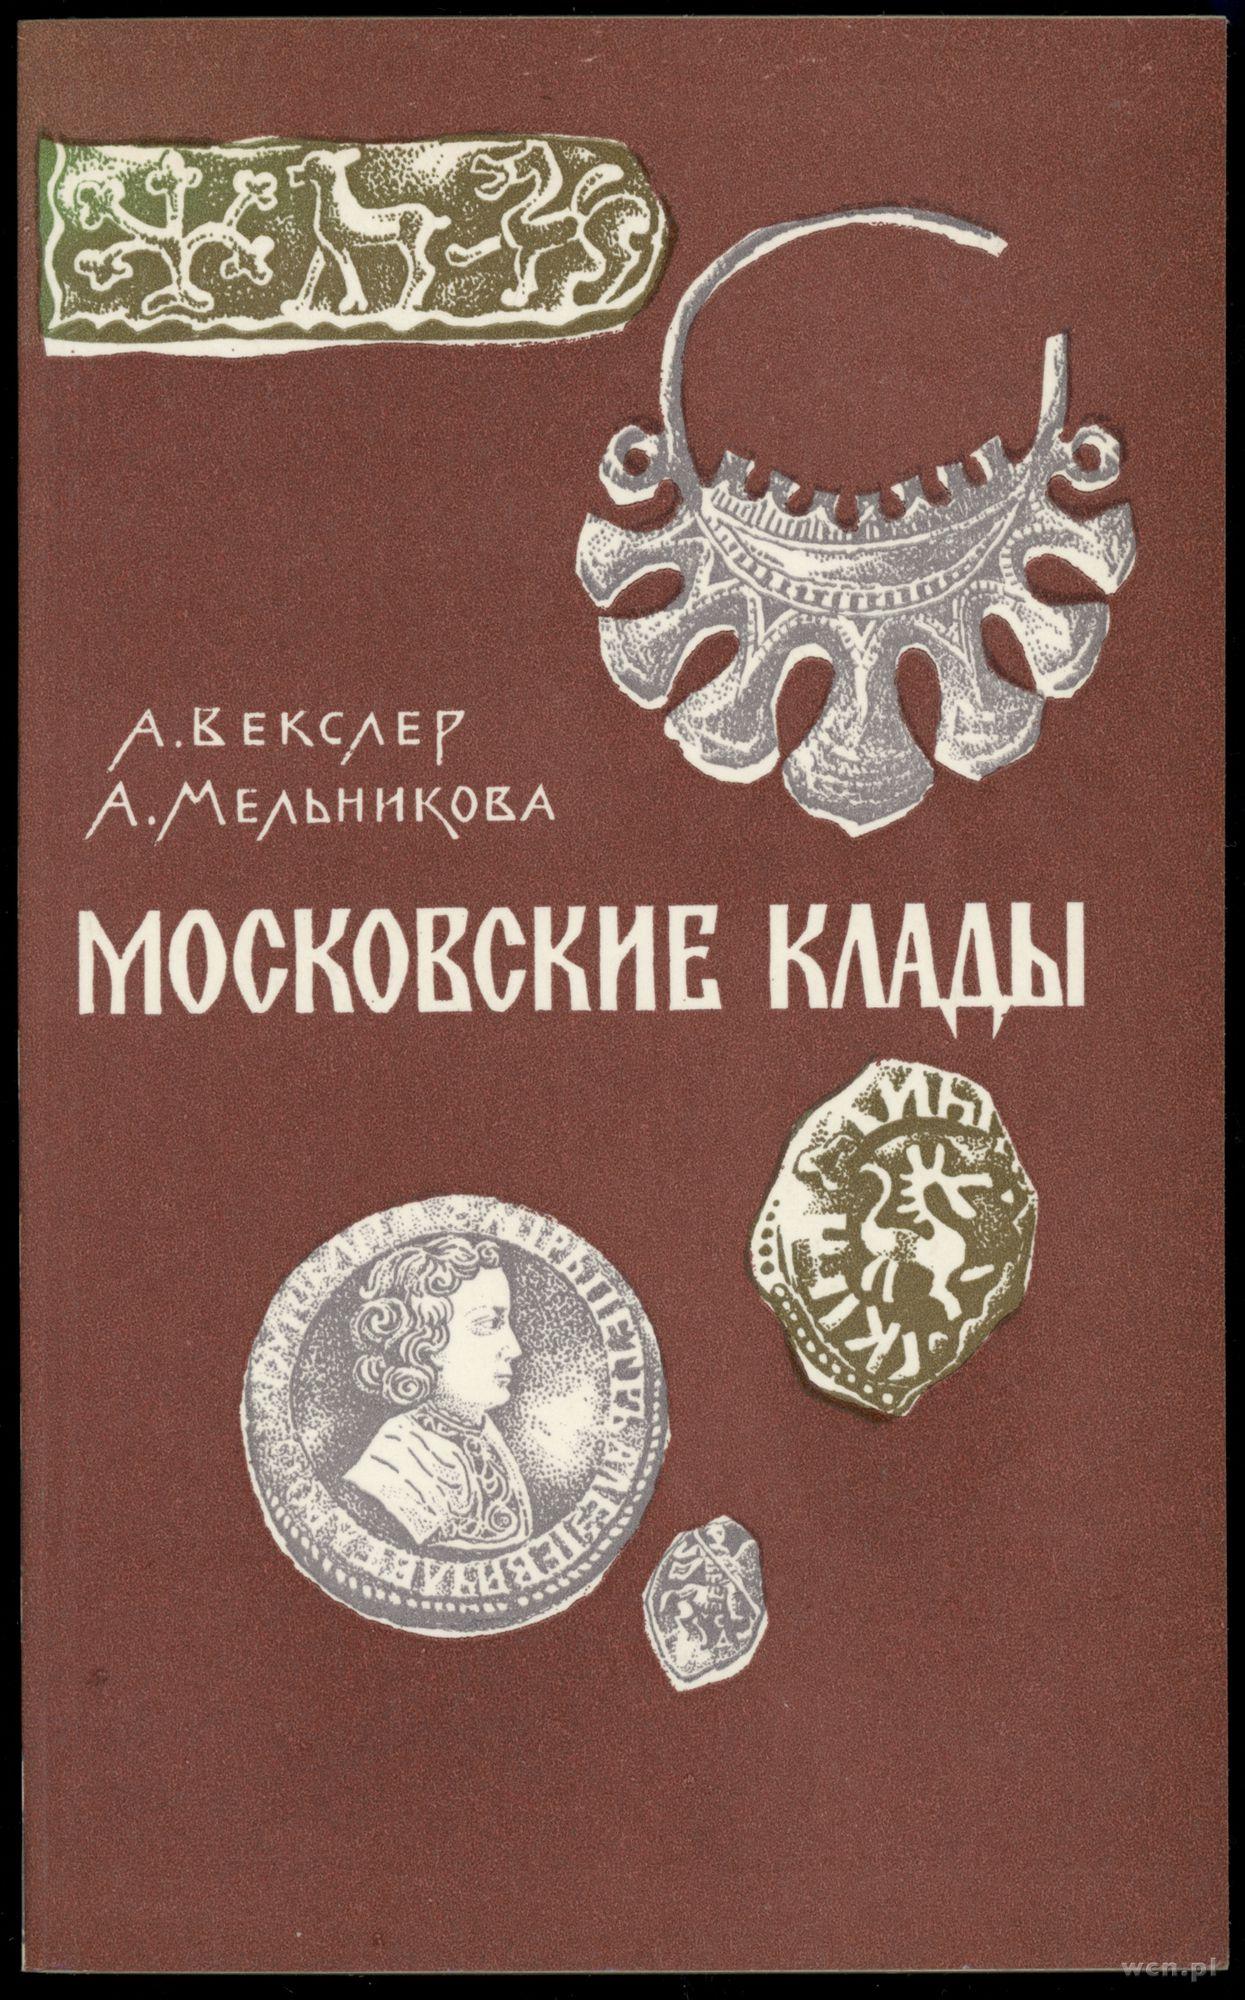 Историко-краеведческие и популярные издания о лобне и её окр.